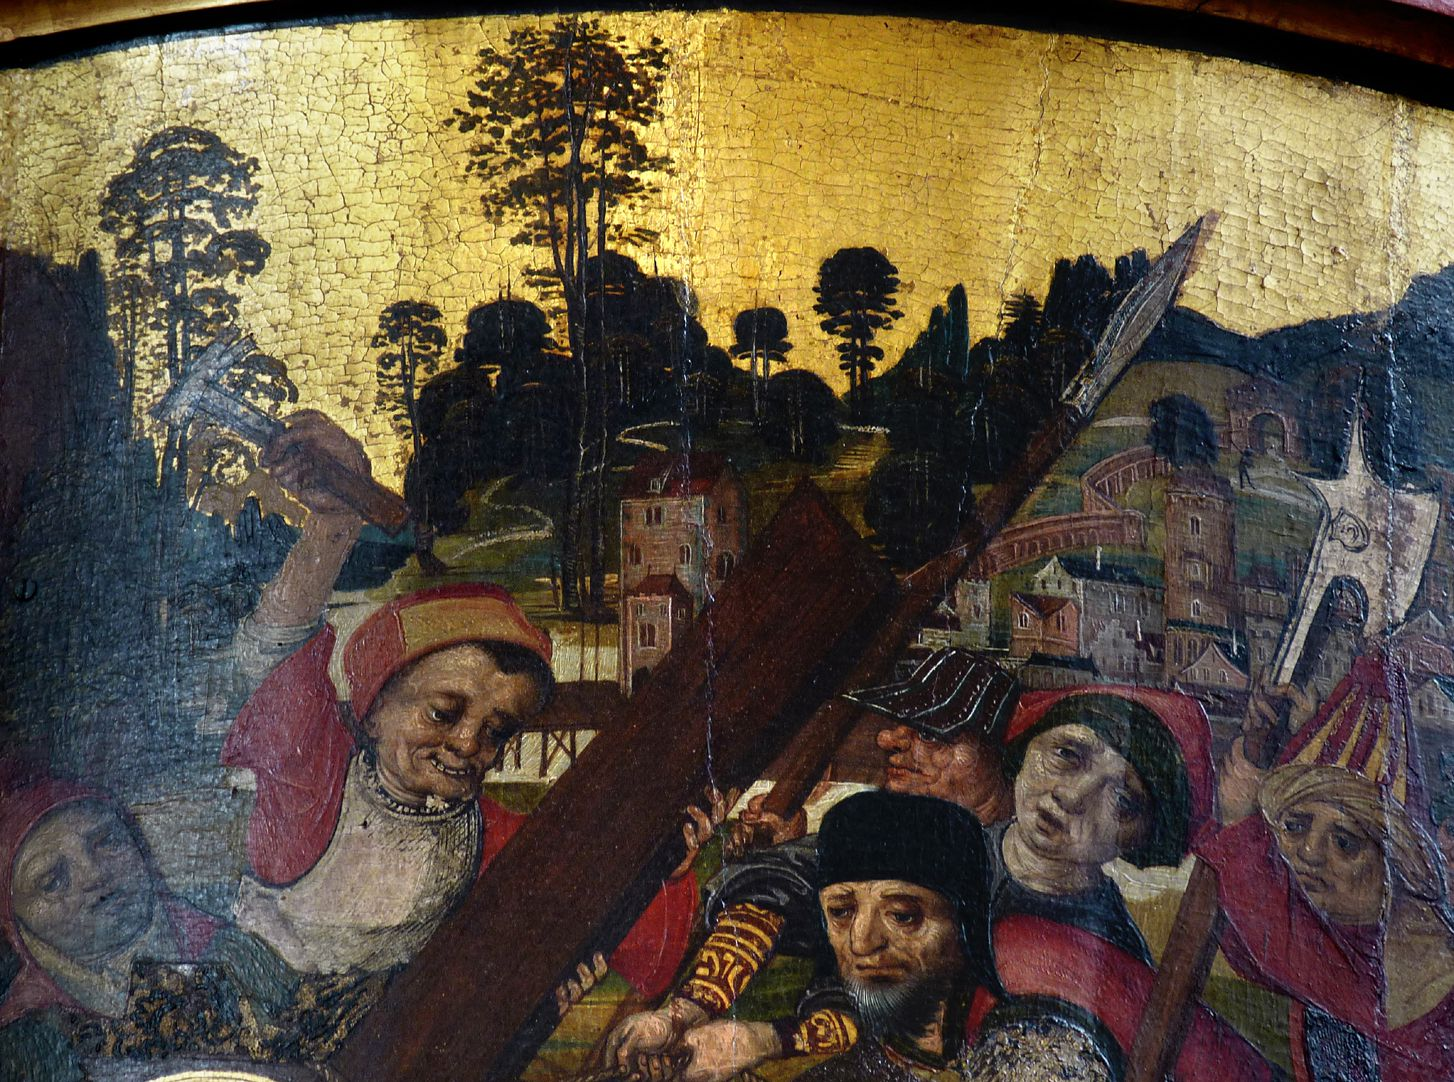 Thanhauser Epitaph Landschaft auf Goldgrund mit Detail der Kreuztragung